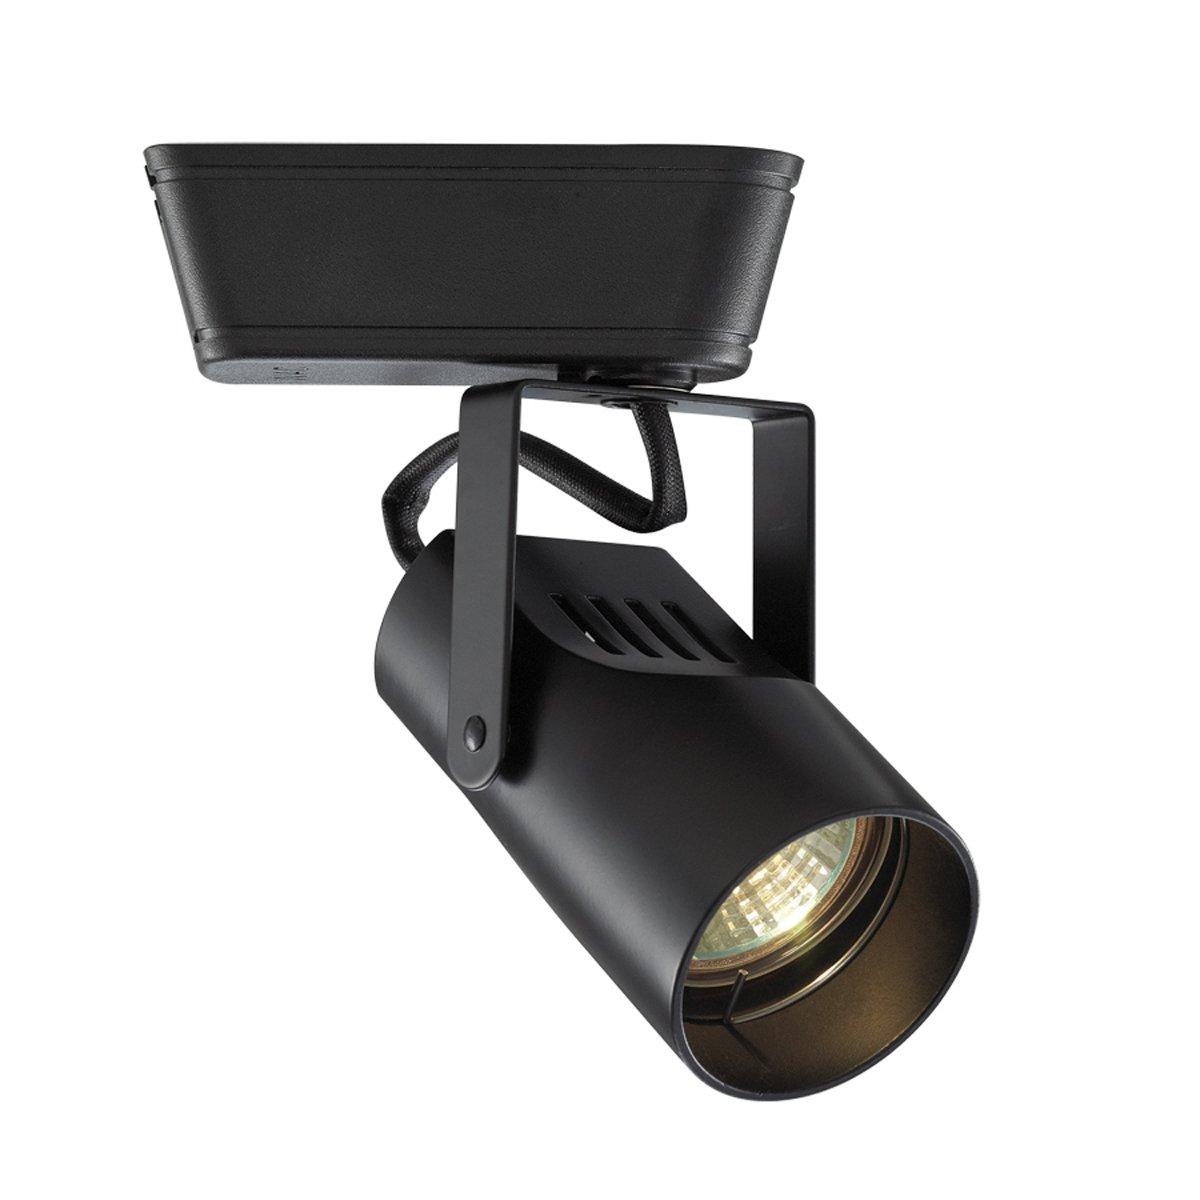 WAC Lighting LHT-007-BK L Series Low Voltage Track Head, 50W